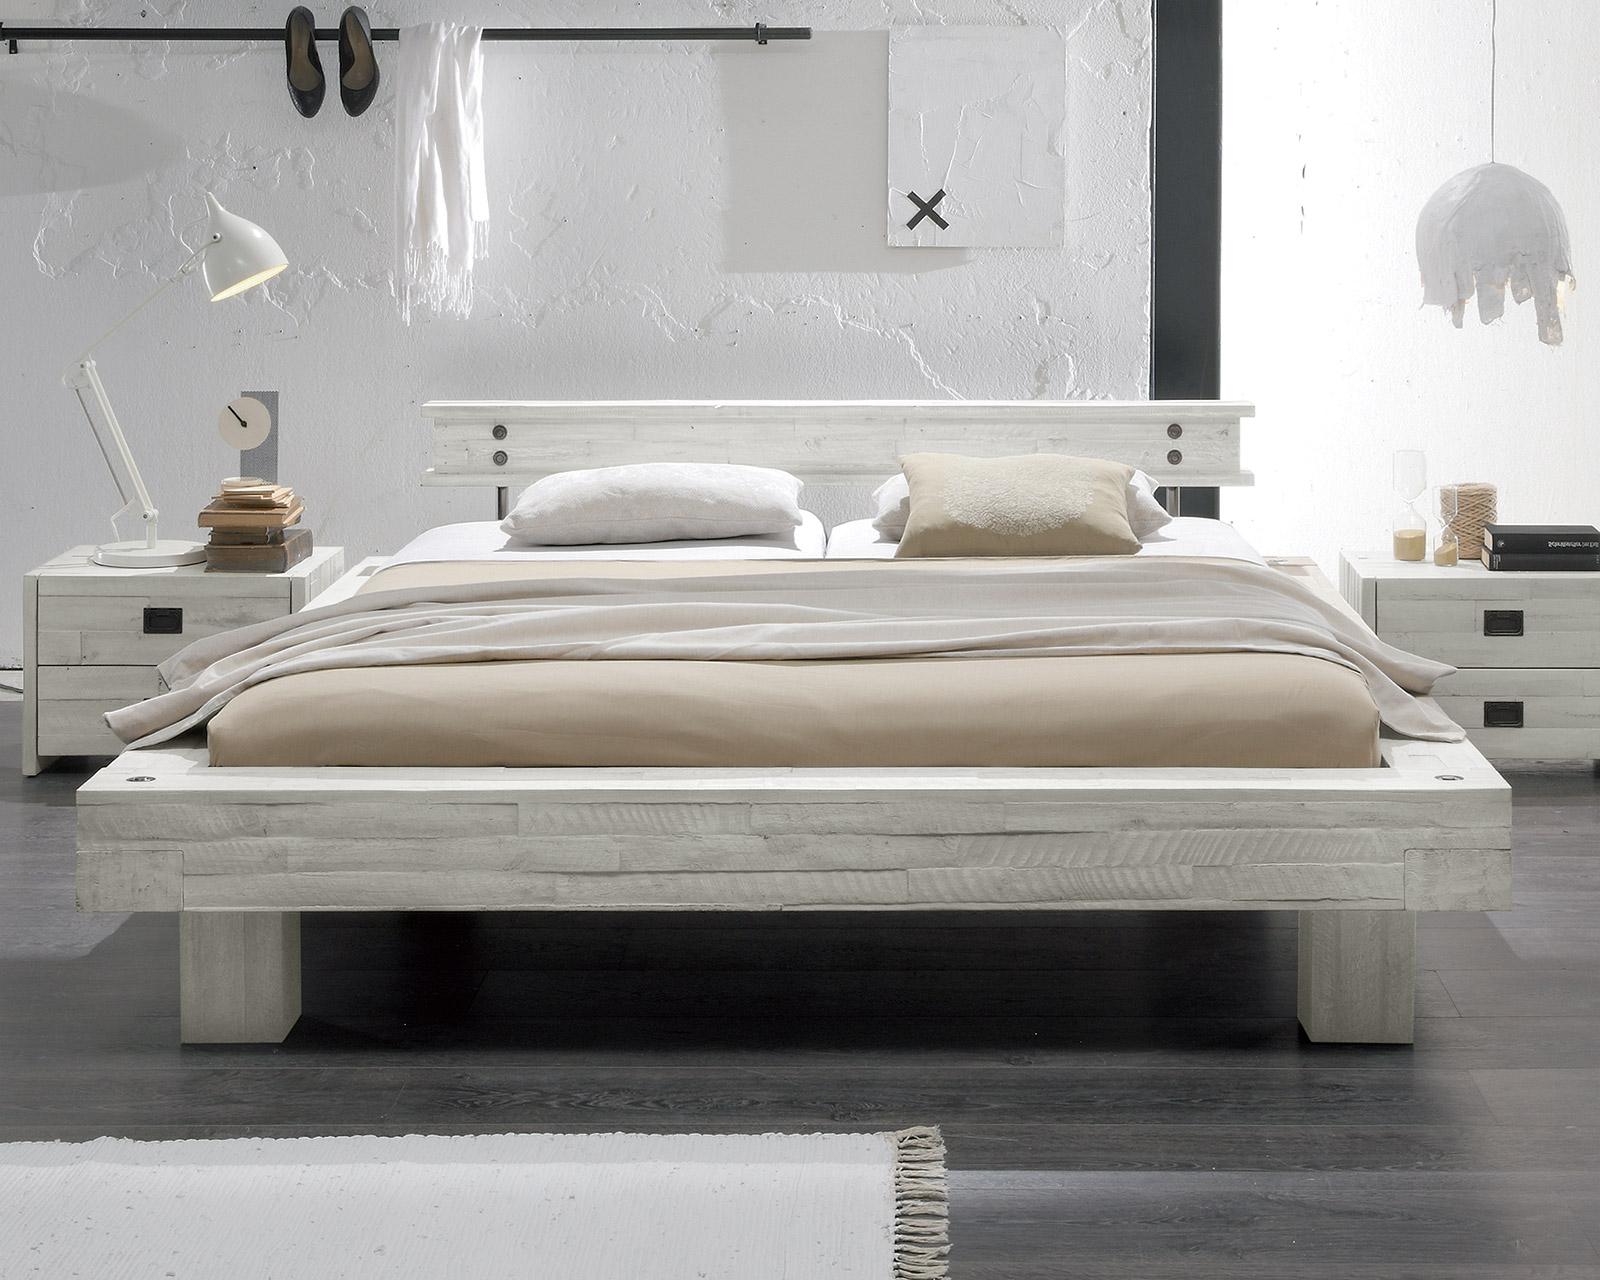 Full Size of Bett Mit Schubladen 90x200 Weiß Graues 1 40 Komforthöhe 2x2m Badewanne Bette Stauraum Tatami Betten 140x200 200x200 Test Vintage Französische 200x220 Bett Bett Vintage